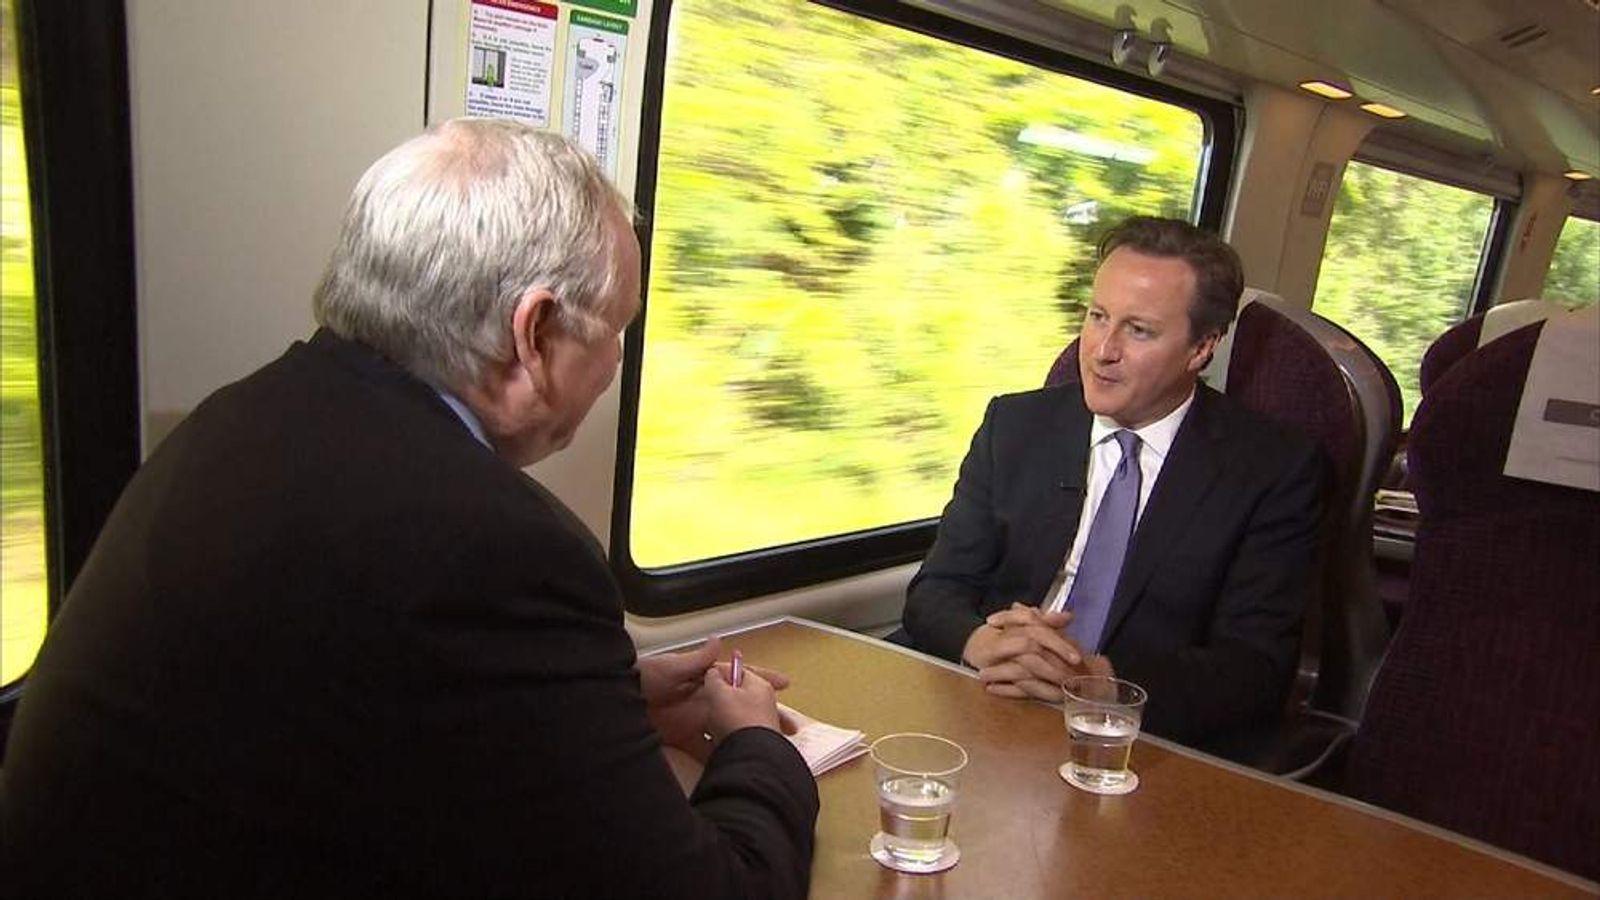 David Cameron and Sky's Adam Boulton